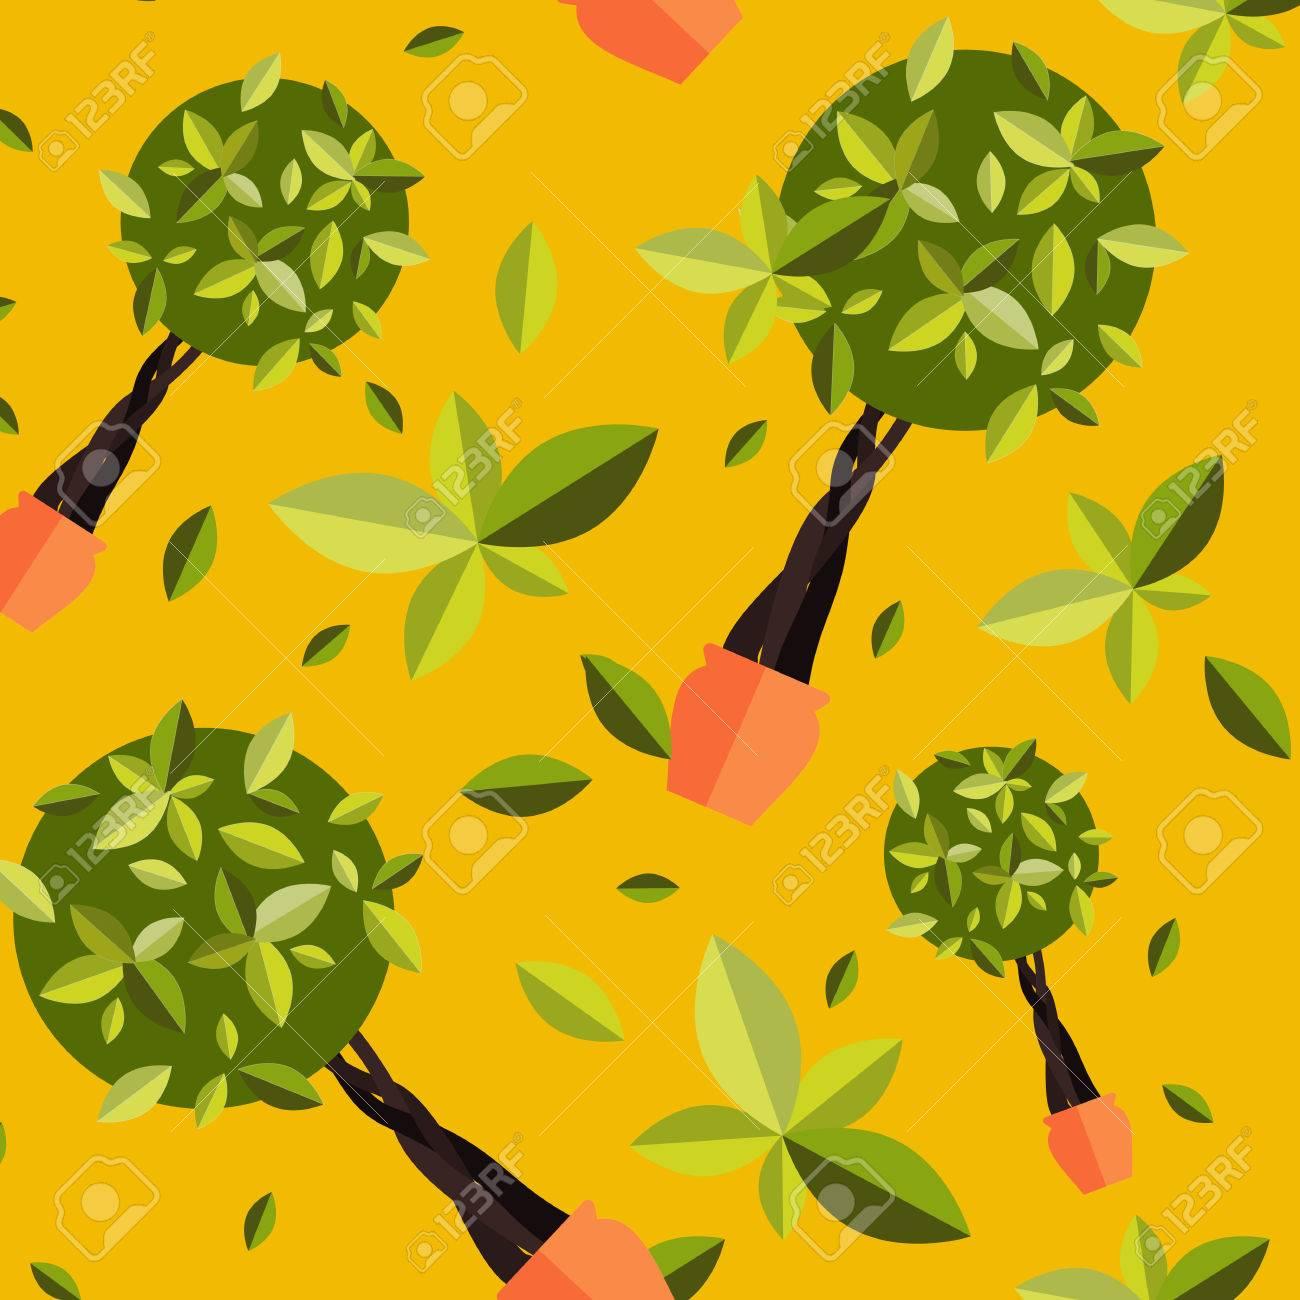 Nahtlose Muster Mit Zimmerpflanzen, Innen Und Büro Blumen Im Topf. Nahtlose  Muster Mit Nach Hause Pflanzen Für Den Garten Oder Zu Hause.